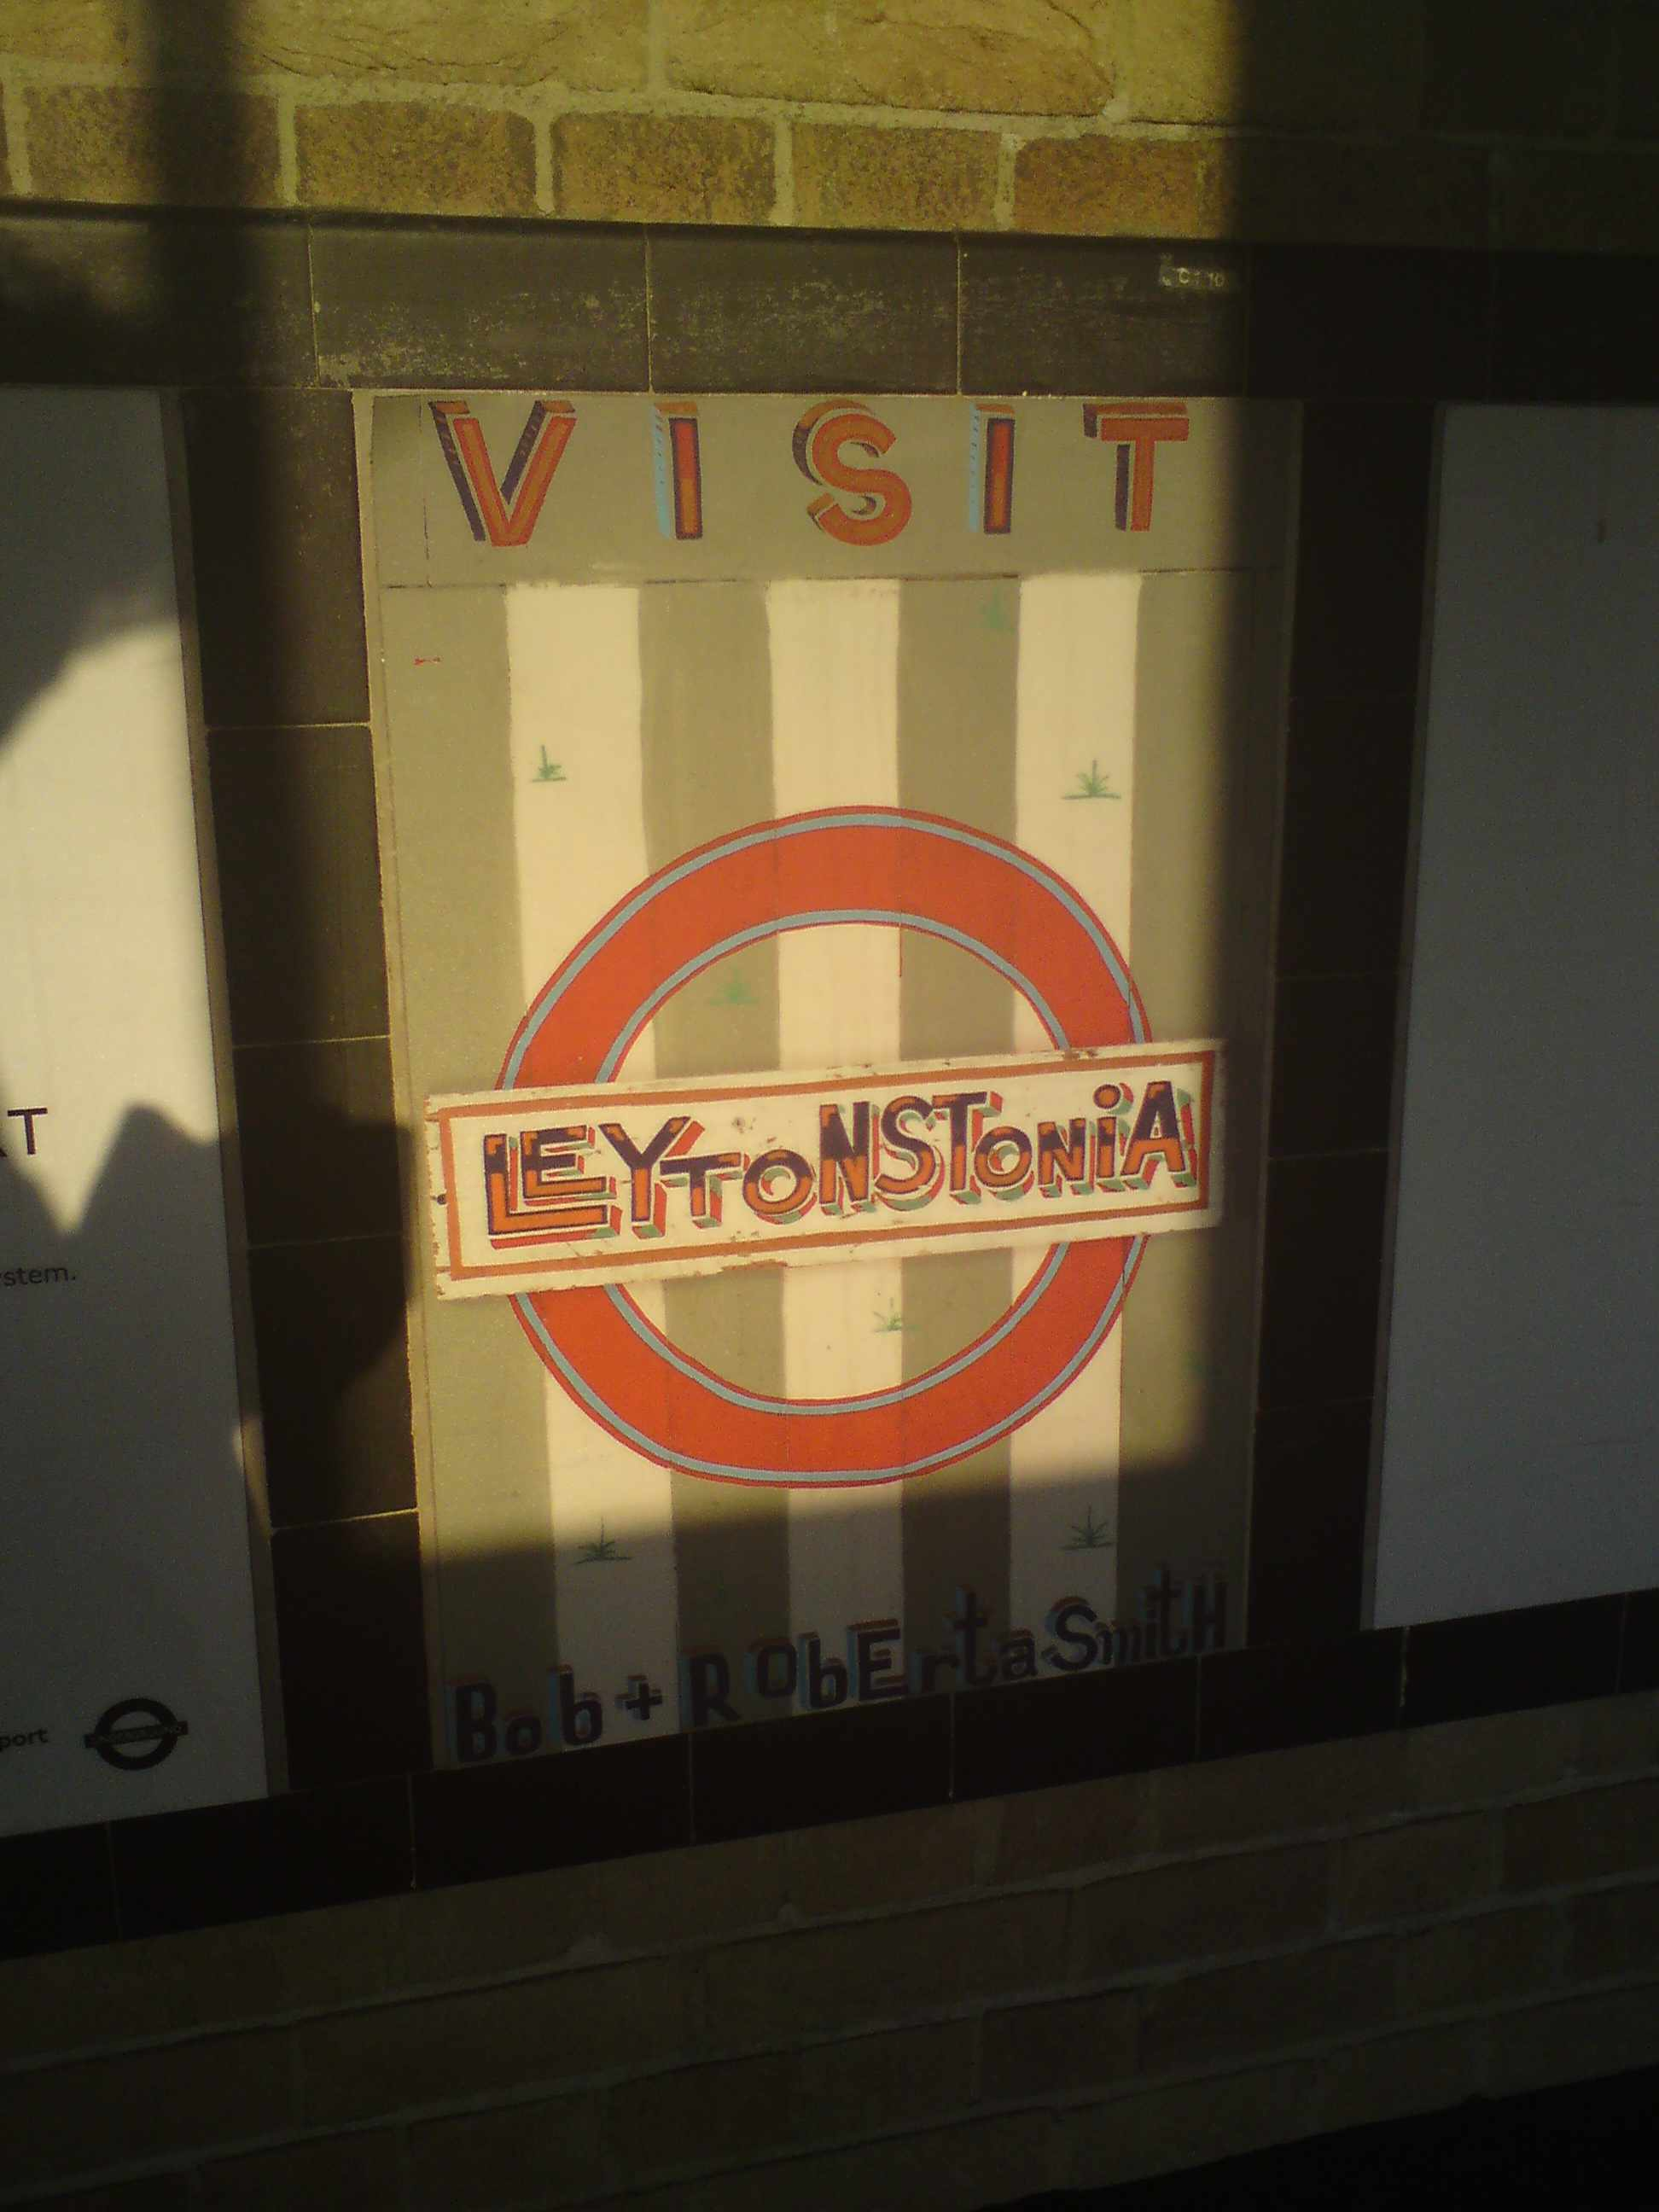 visit leytonstonia